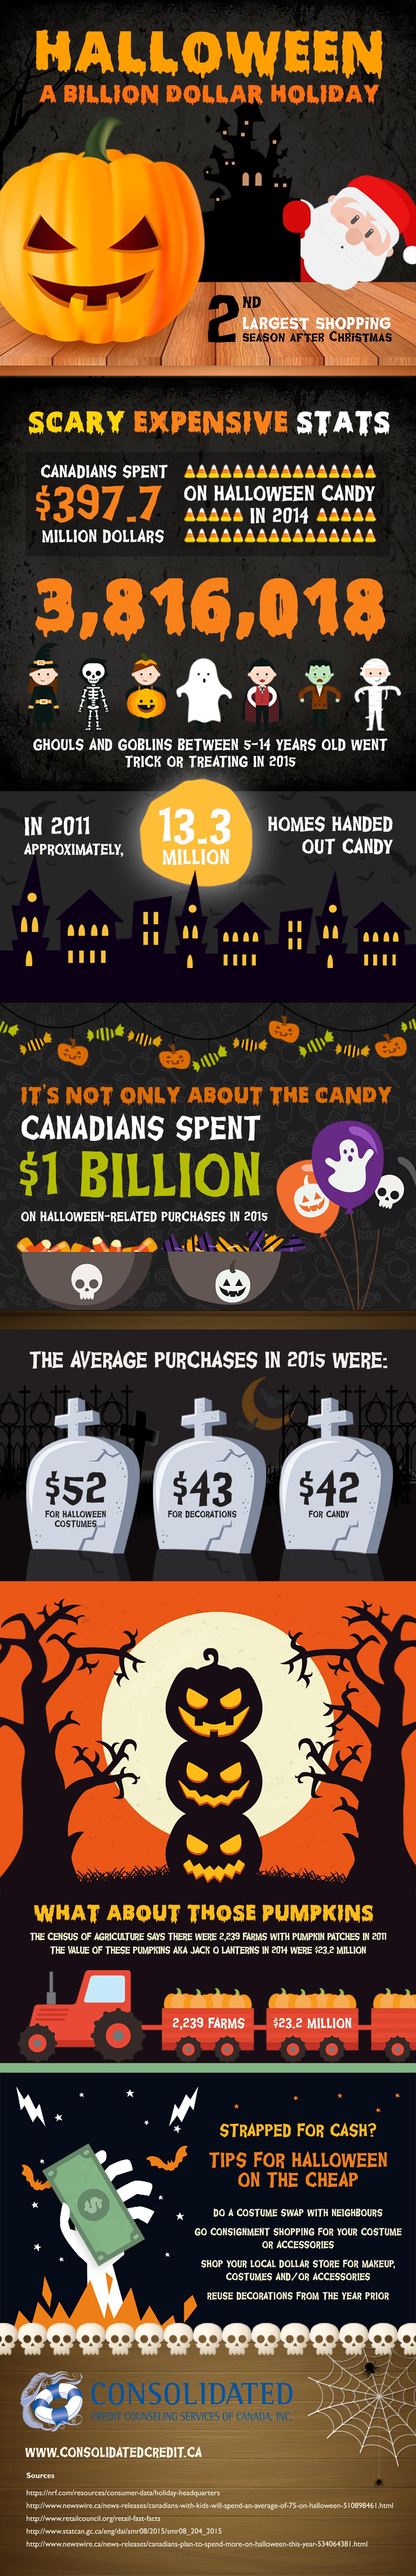 halloween-costs